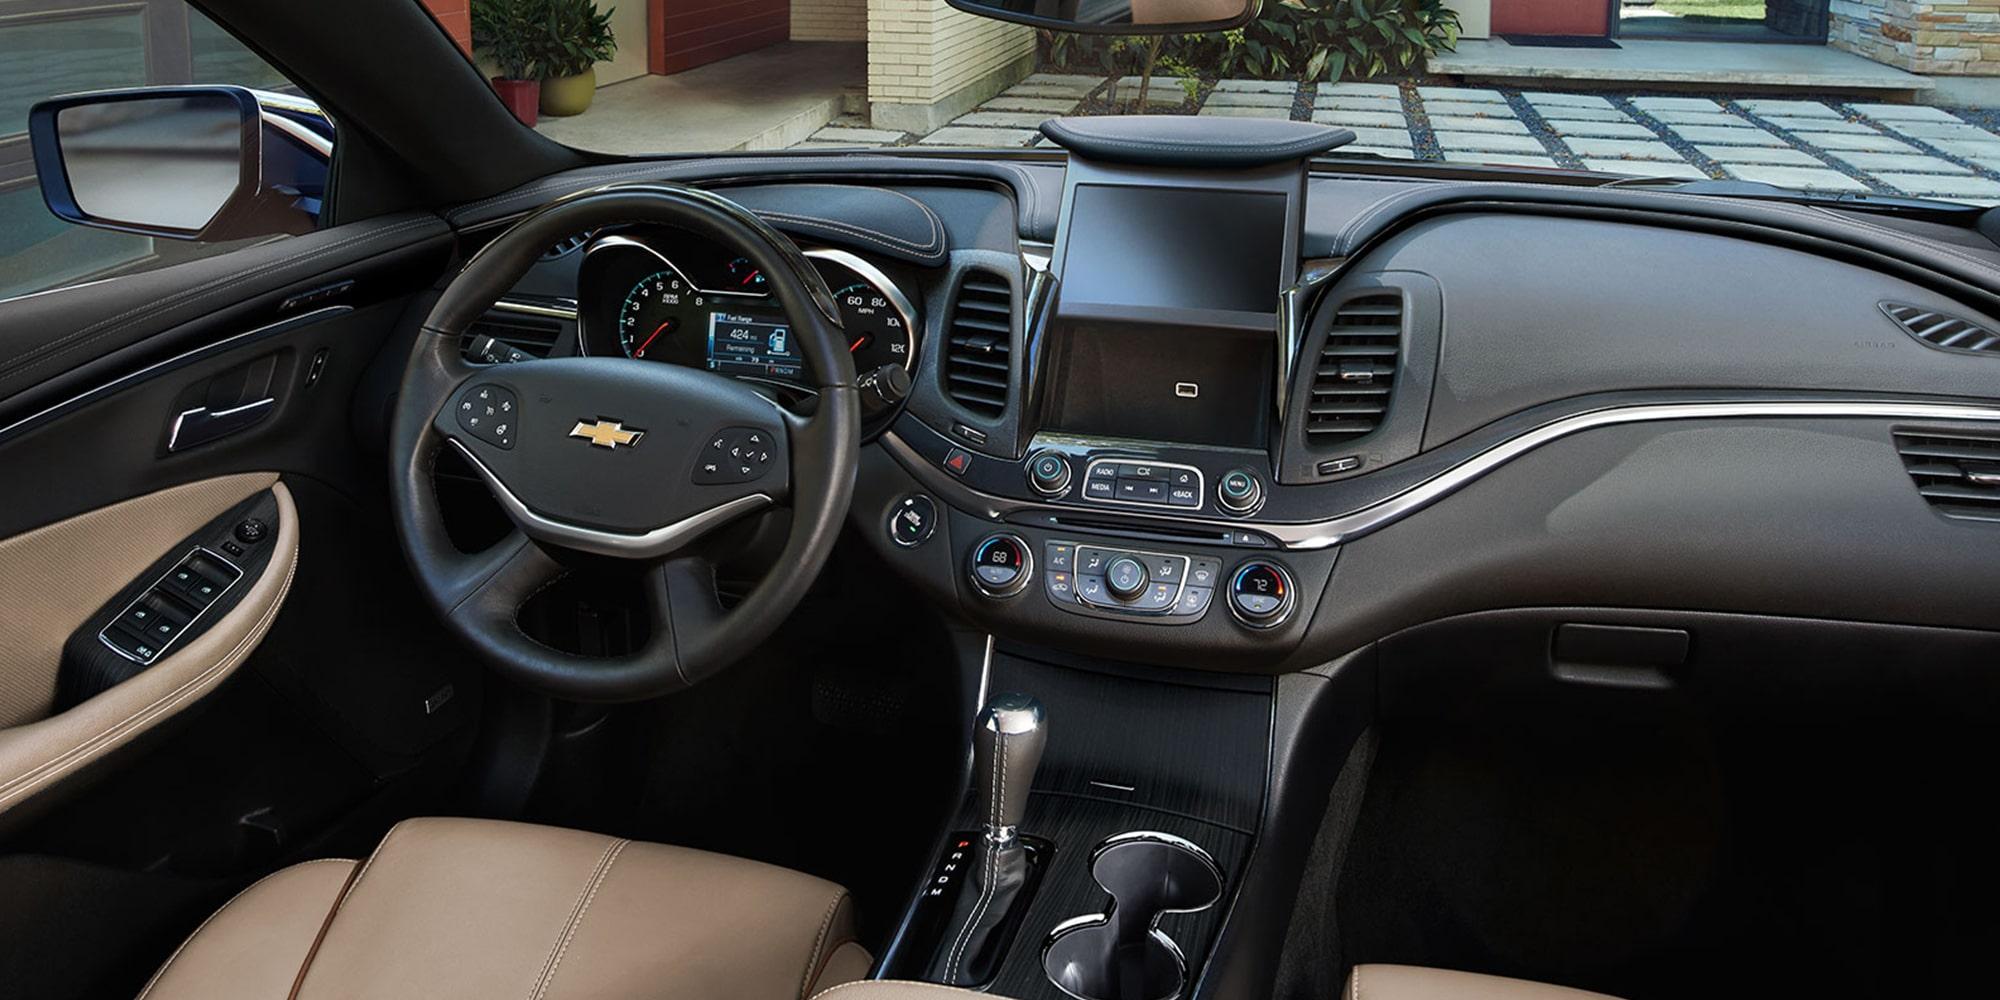 2019 chevy impala full size car sedan large car rh chevrolet com 2007 impala ltz manual 2011 impala ltz manual